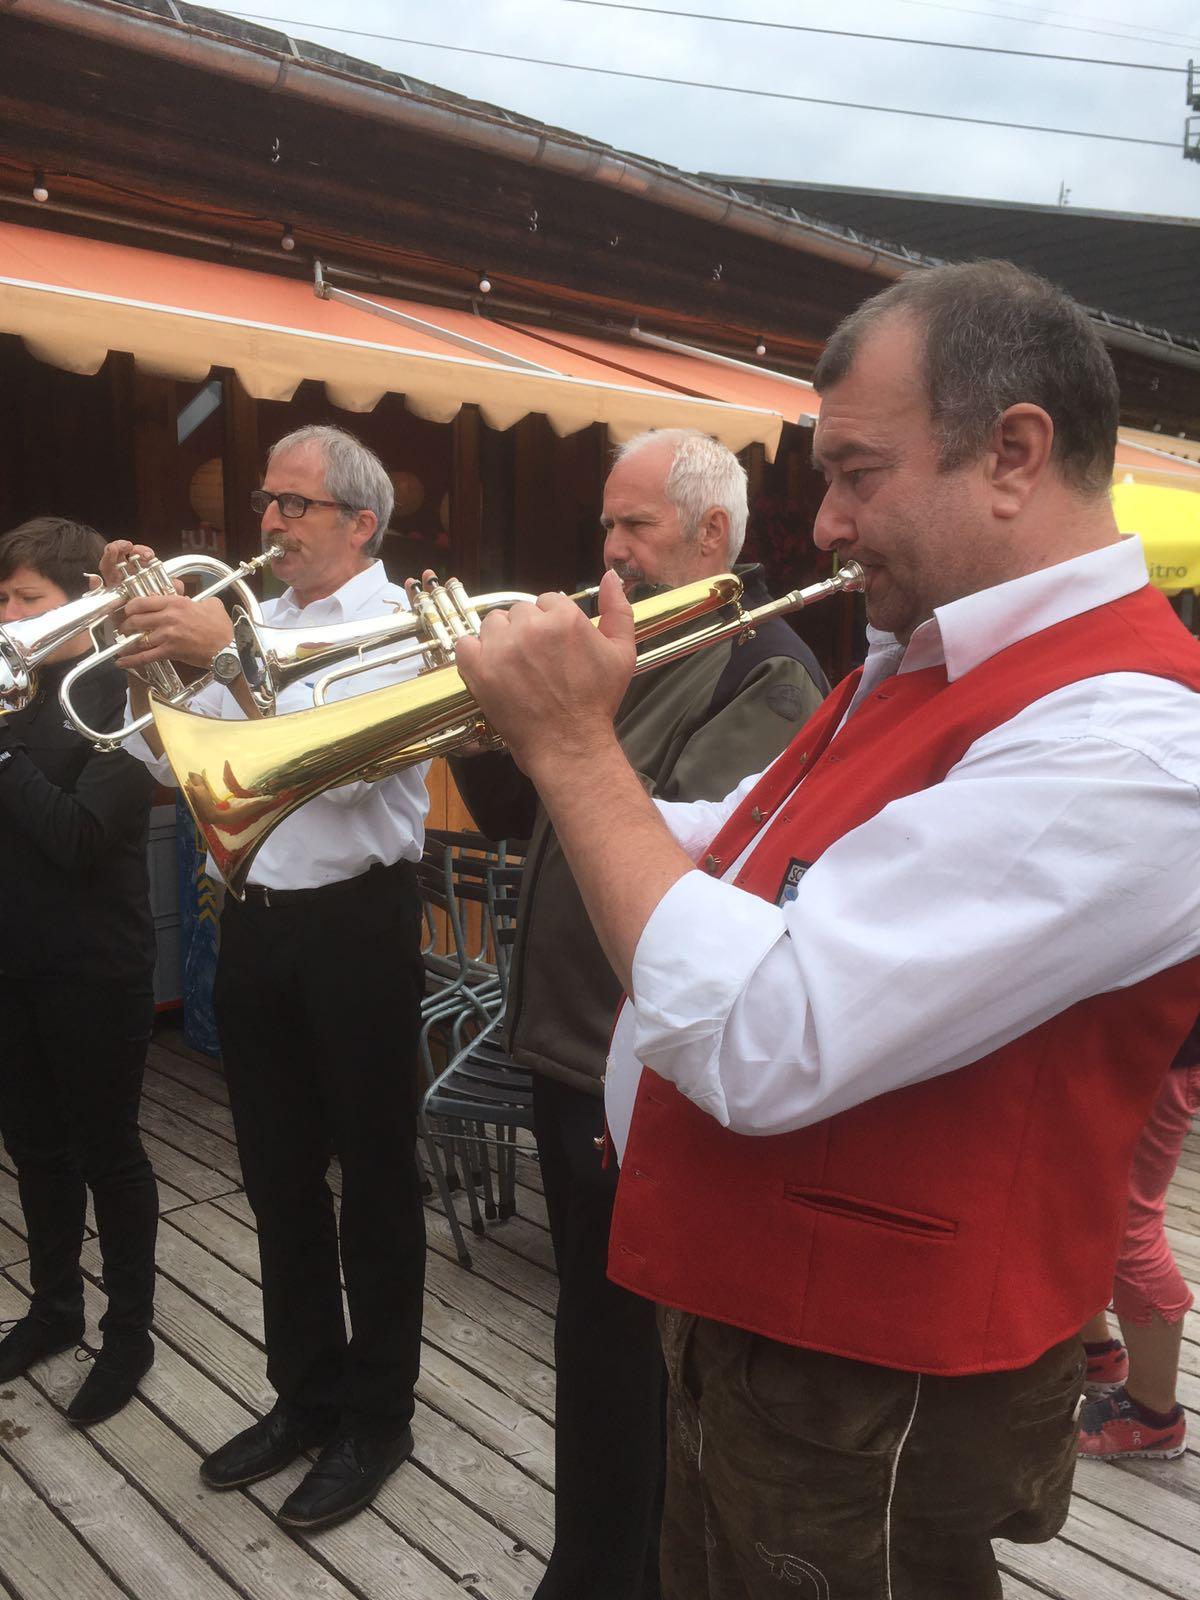 Zum Schluss spielten wir noch zusammen mit den Baholz-Musikanten